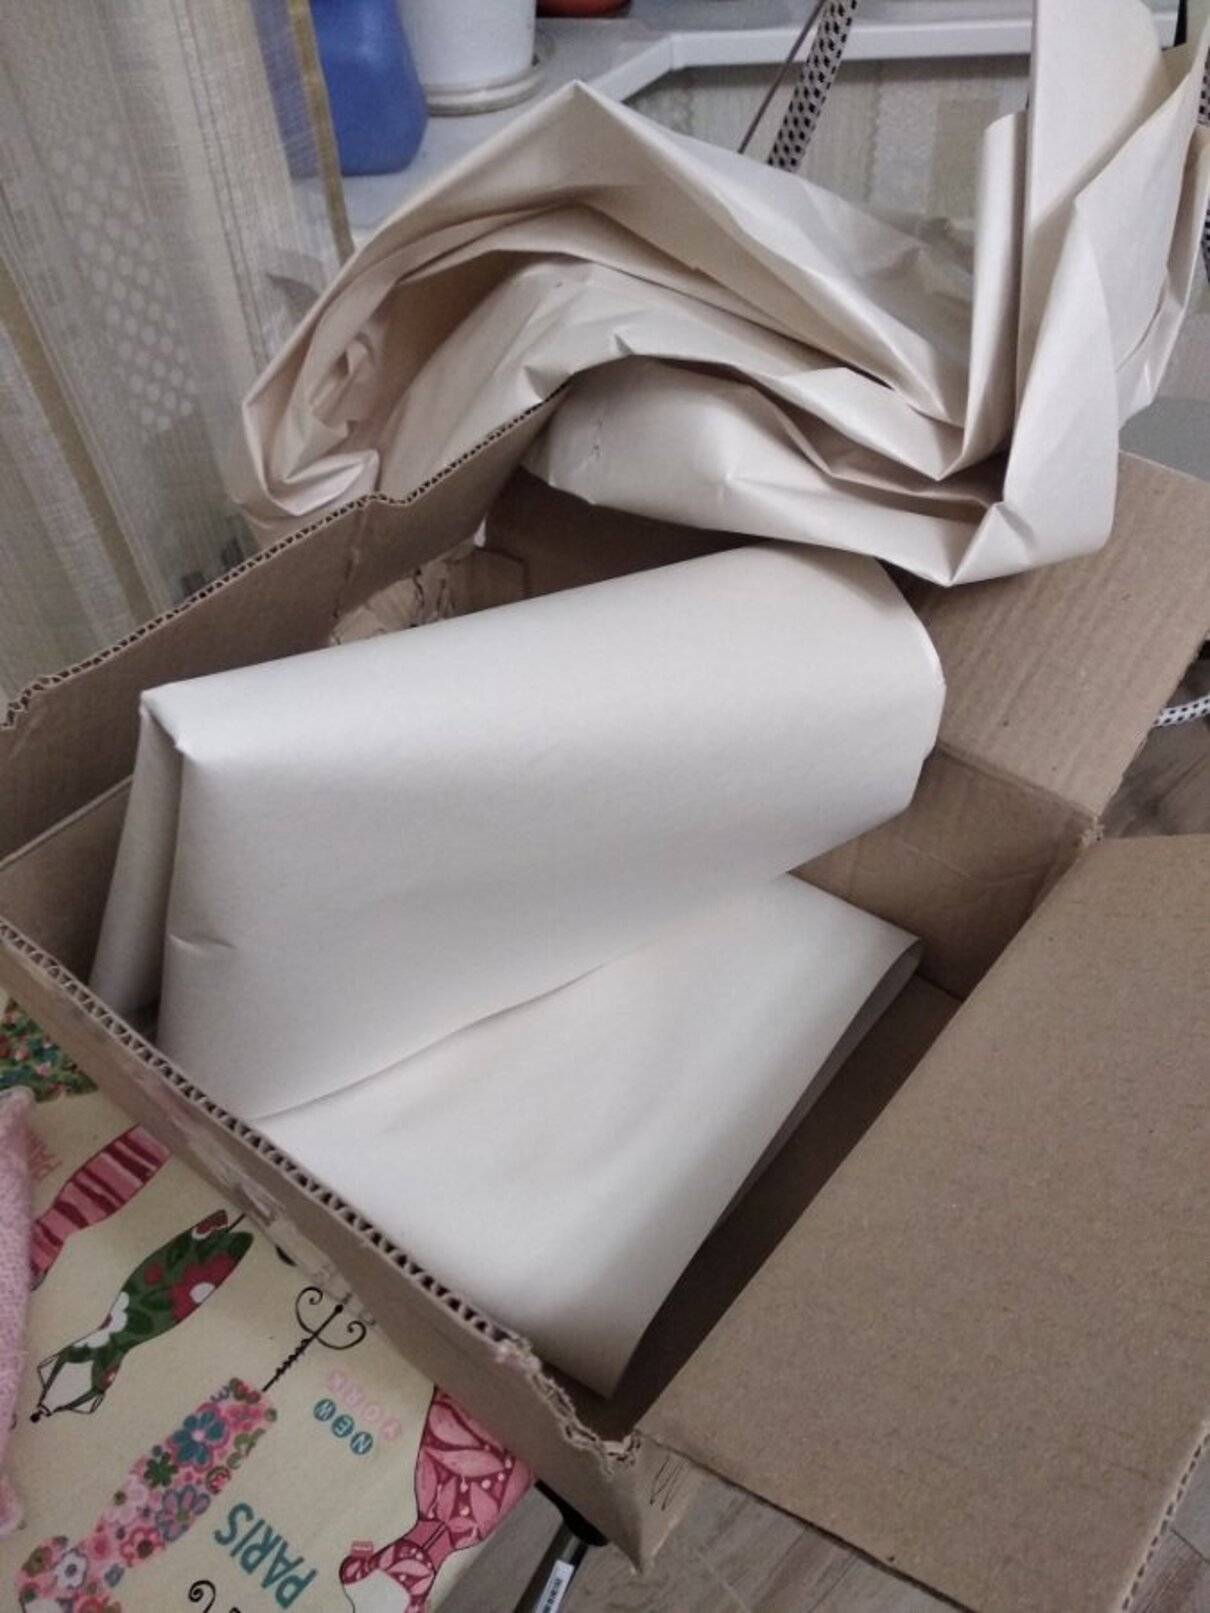 Жалоба-отзыв: ЗАО Сервис дистанционной торговли - Пустая посылка.  Фото №3